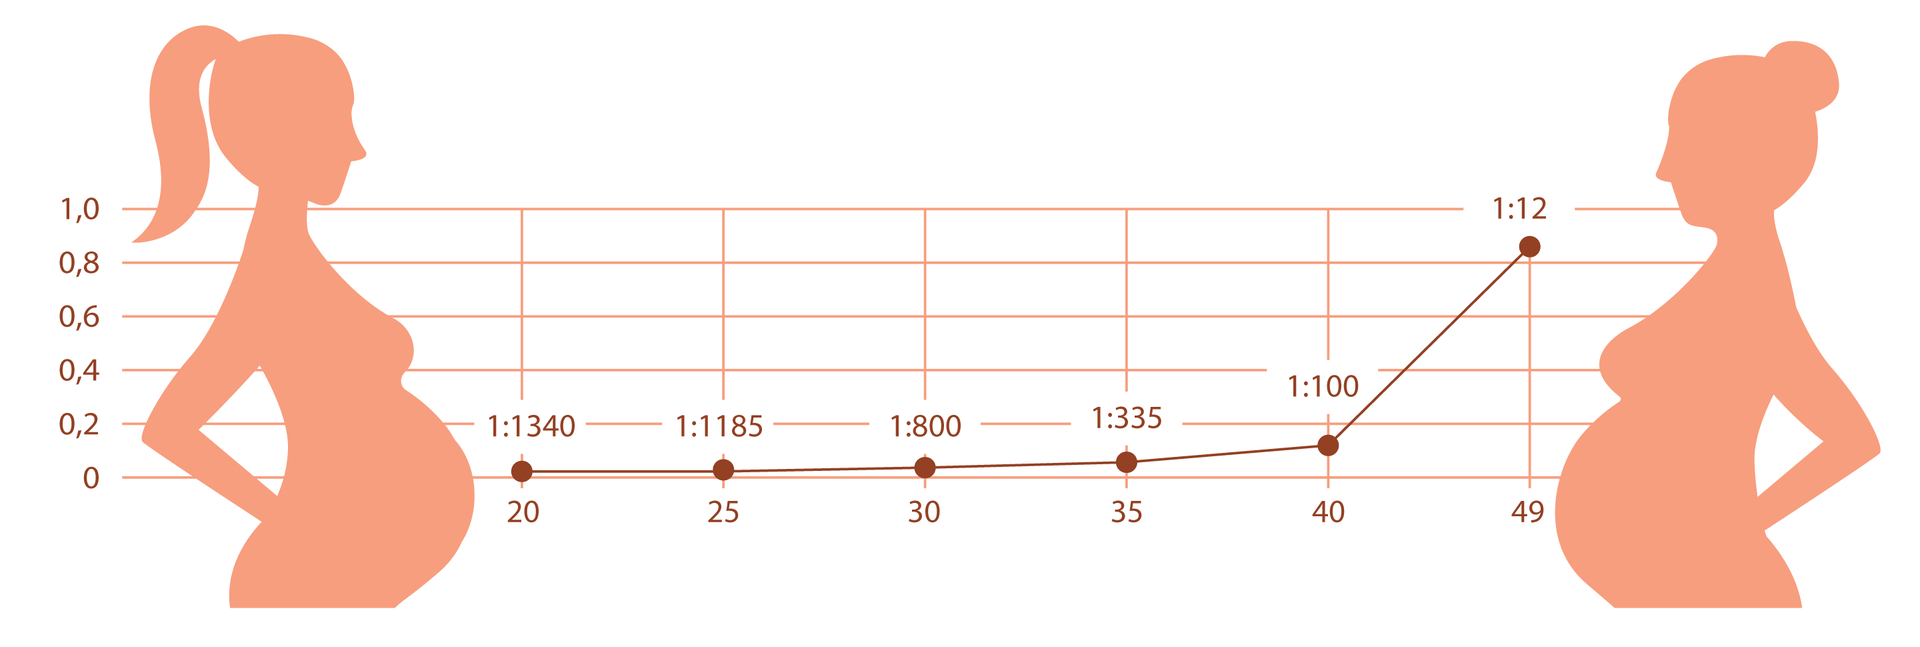 Ryzyko wystąpienia wad chromosomowych udziecka wzależności od wieku matki: wiek 20 lat:1:1340 urodzeń, wiek 30 lat: 1: 800 urodzeń, wiek 40 lat: 1:100 urodzeń, wiek 45 lat 1:12 urodzeń